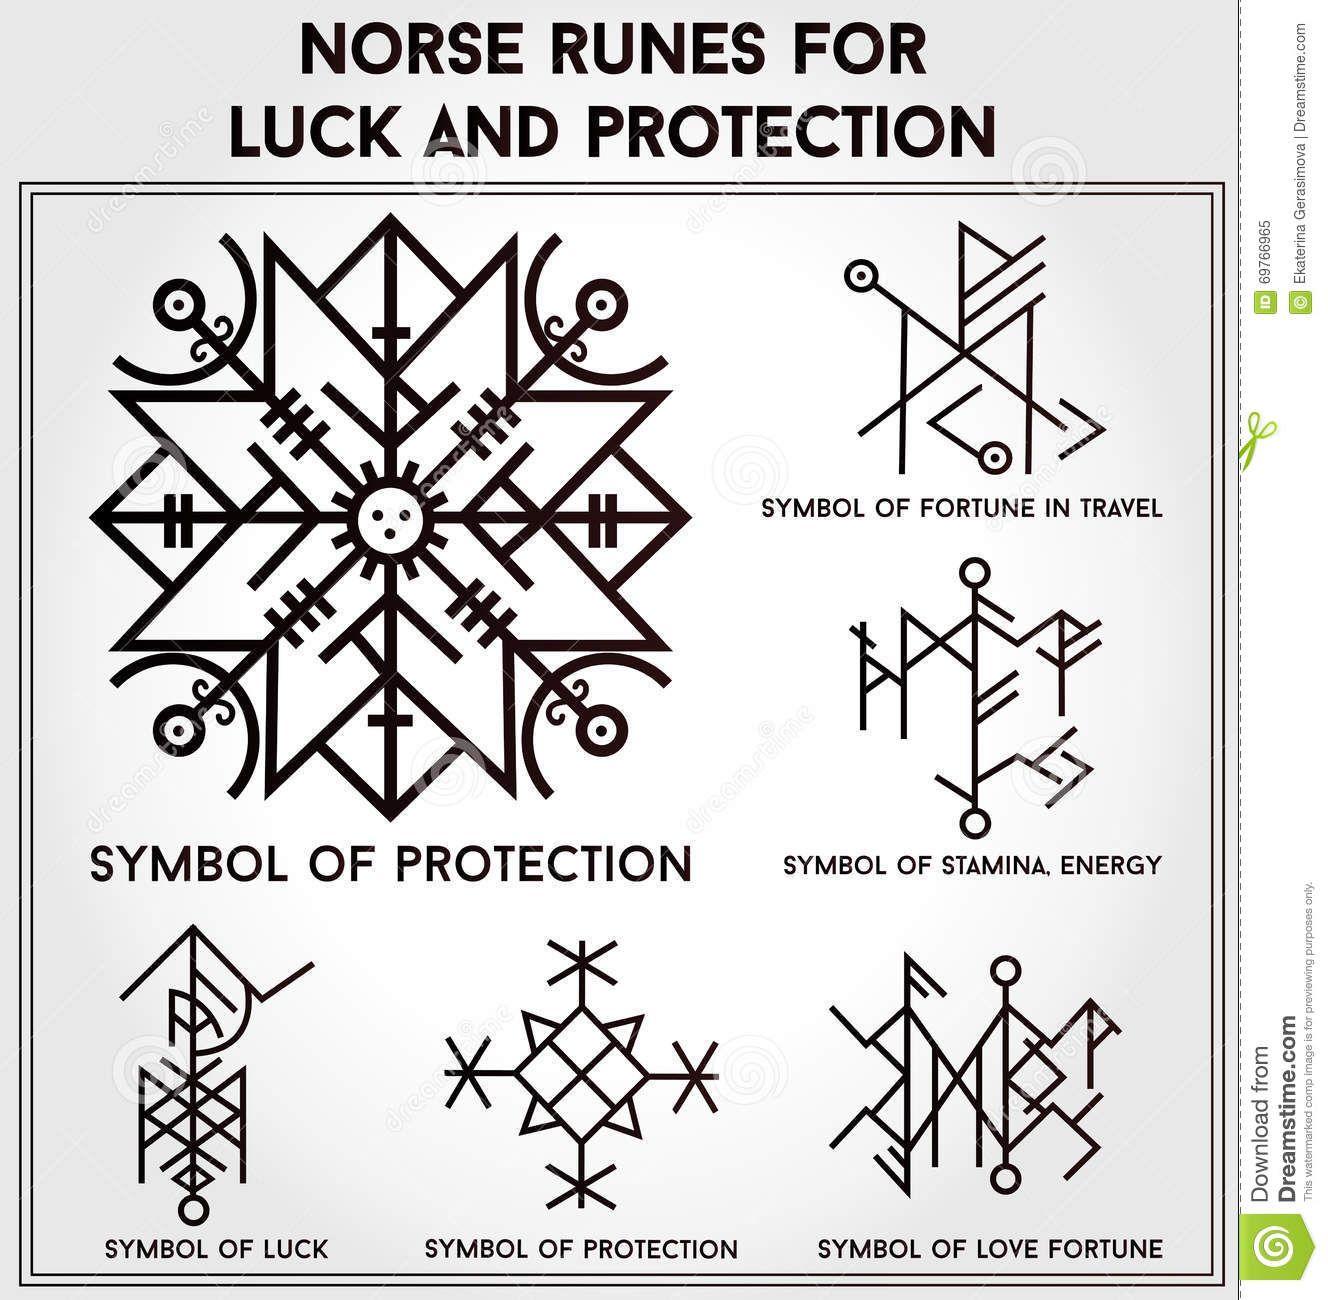 Rsultat De Recherche Dimages Pour Runes Nordiques